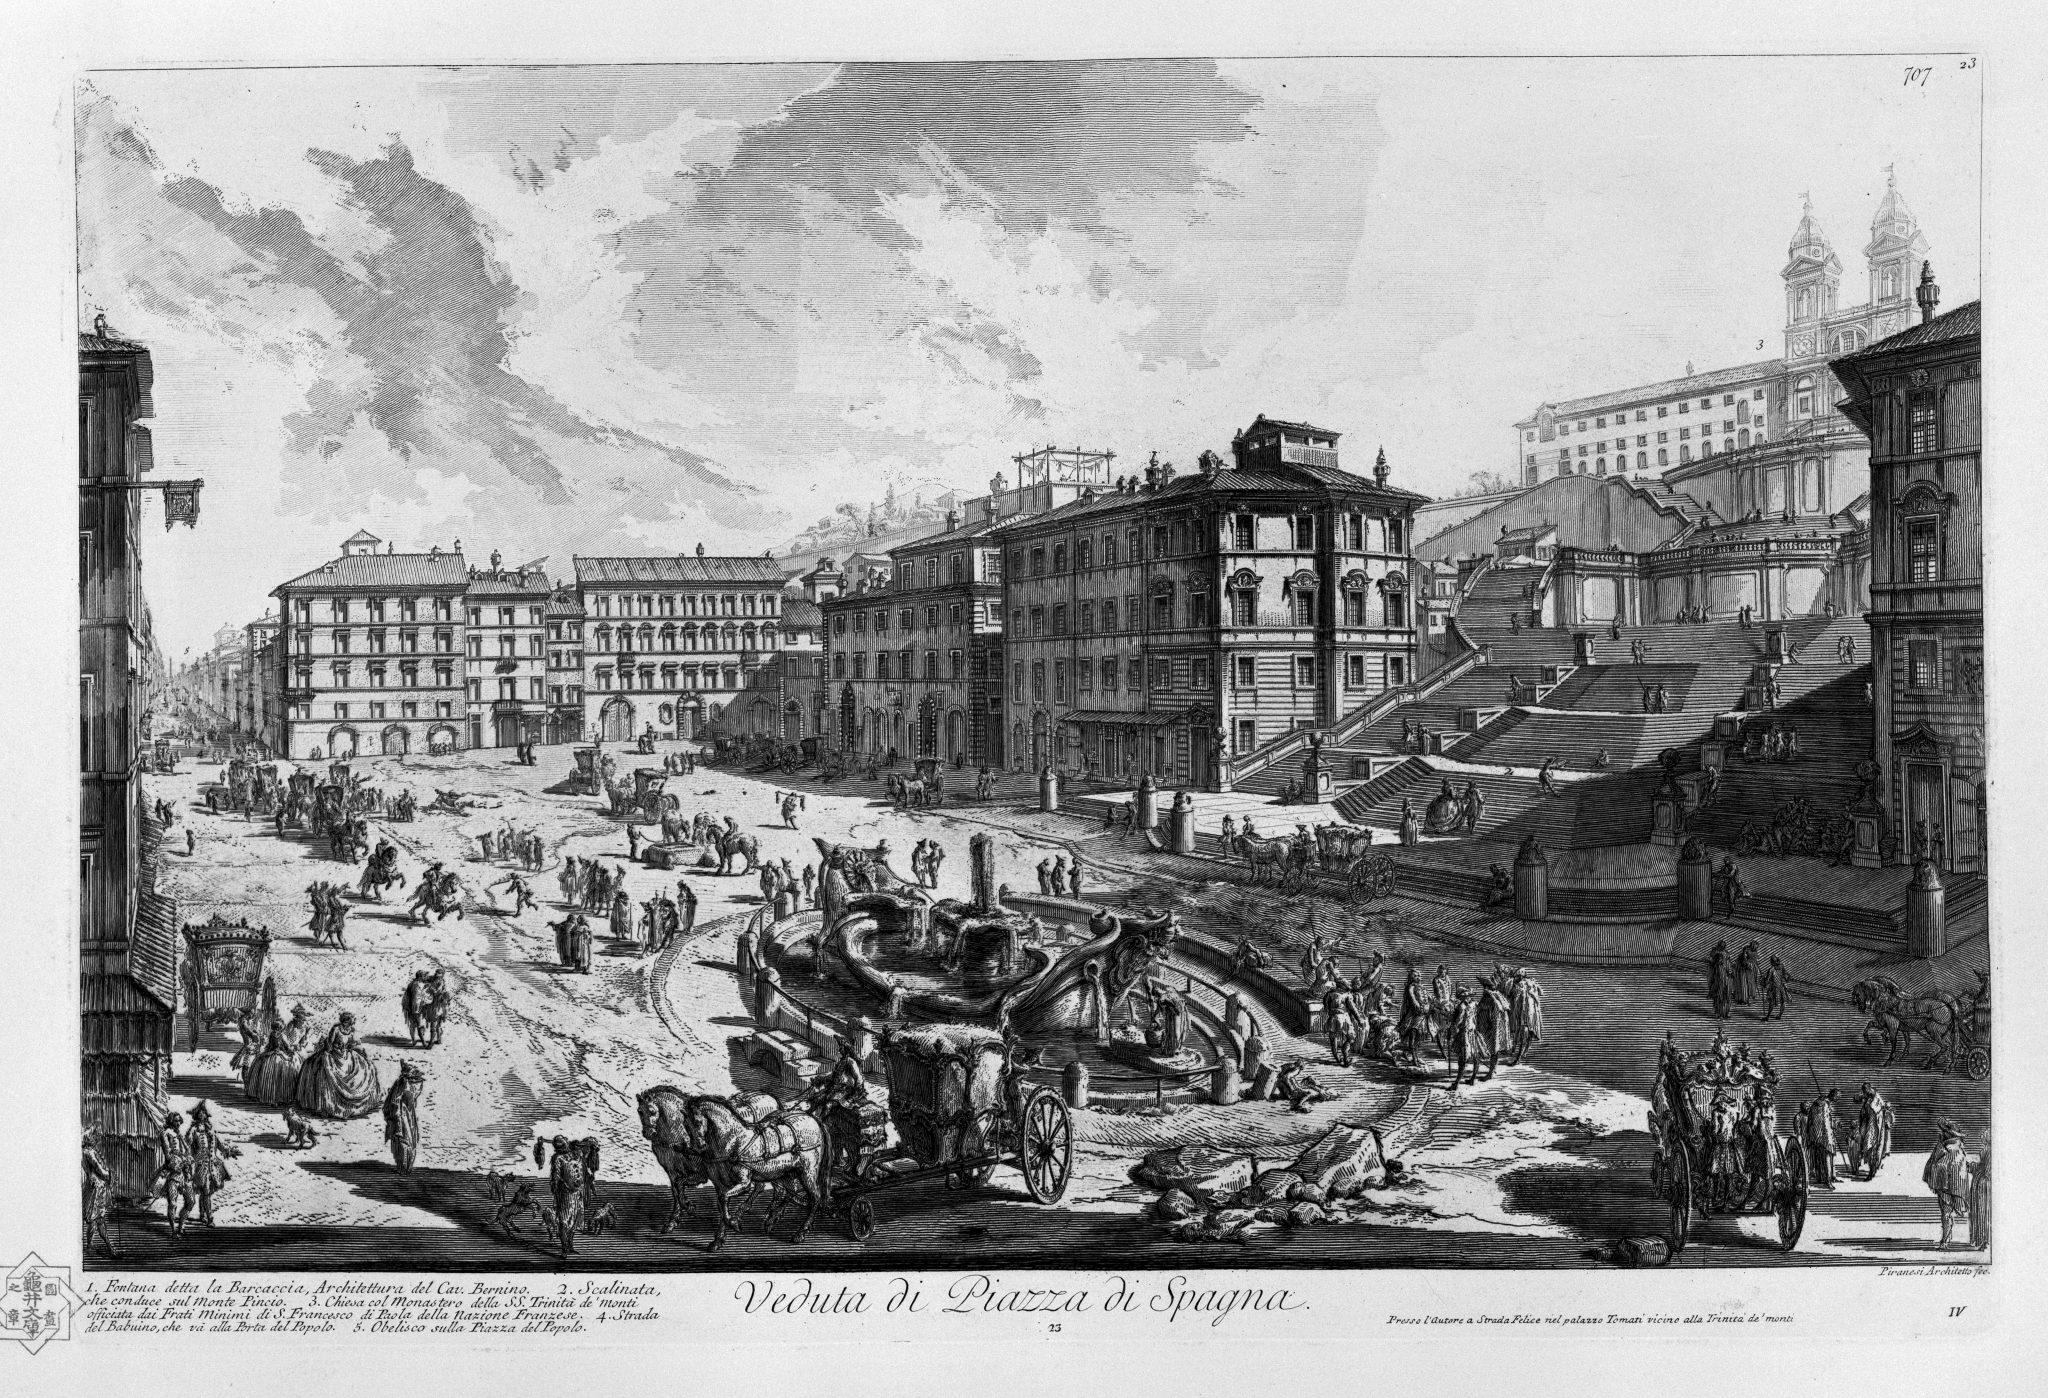 Spanska Trappan av Giovanni Battista Piranesi